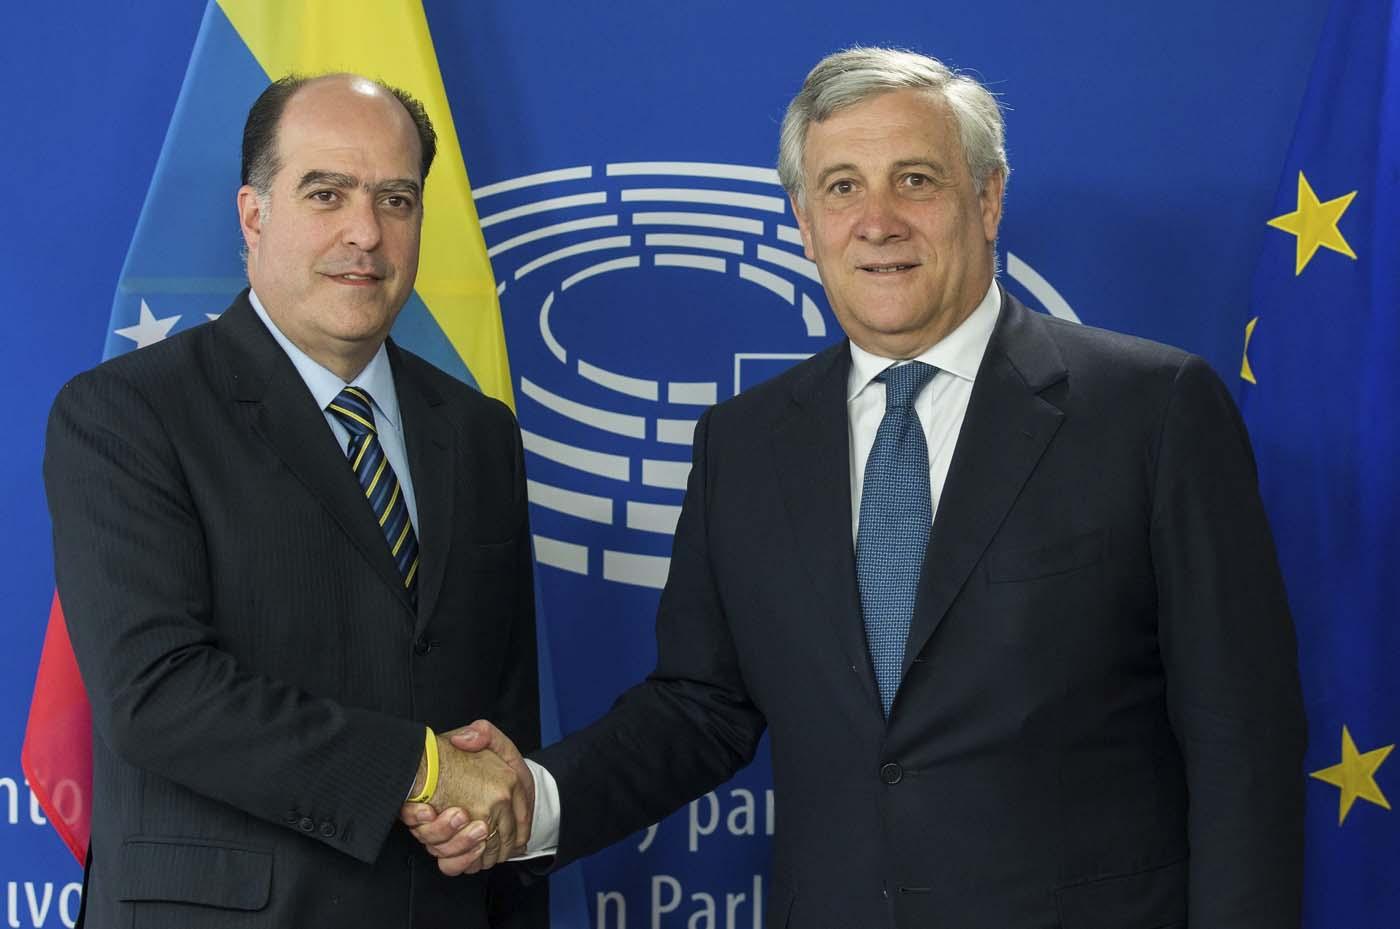 STL06 BRUSELAS (BÉLGICA) 31/05/2017.- El presidente del Parlamento Europeo (PE), Antonio Tajani (d), da la bienvenida al presidente de la Asamblea Nacional de Venezuela, el opositor Julio Borges, antes de su reunión en el PE en Bruselas (Bélgica), hoy, 31 de mayo de 2017. EFE/Stephanie Lecocq